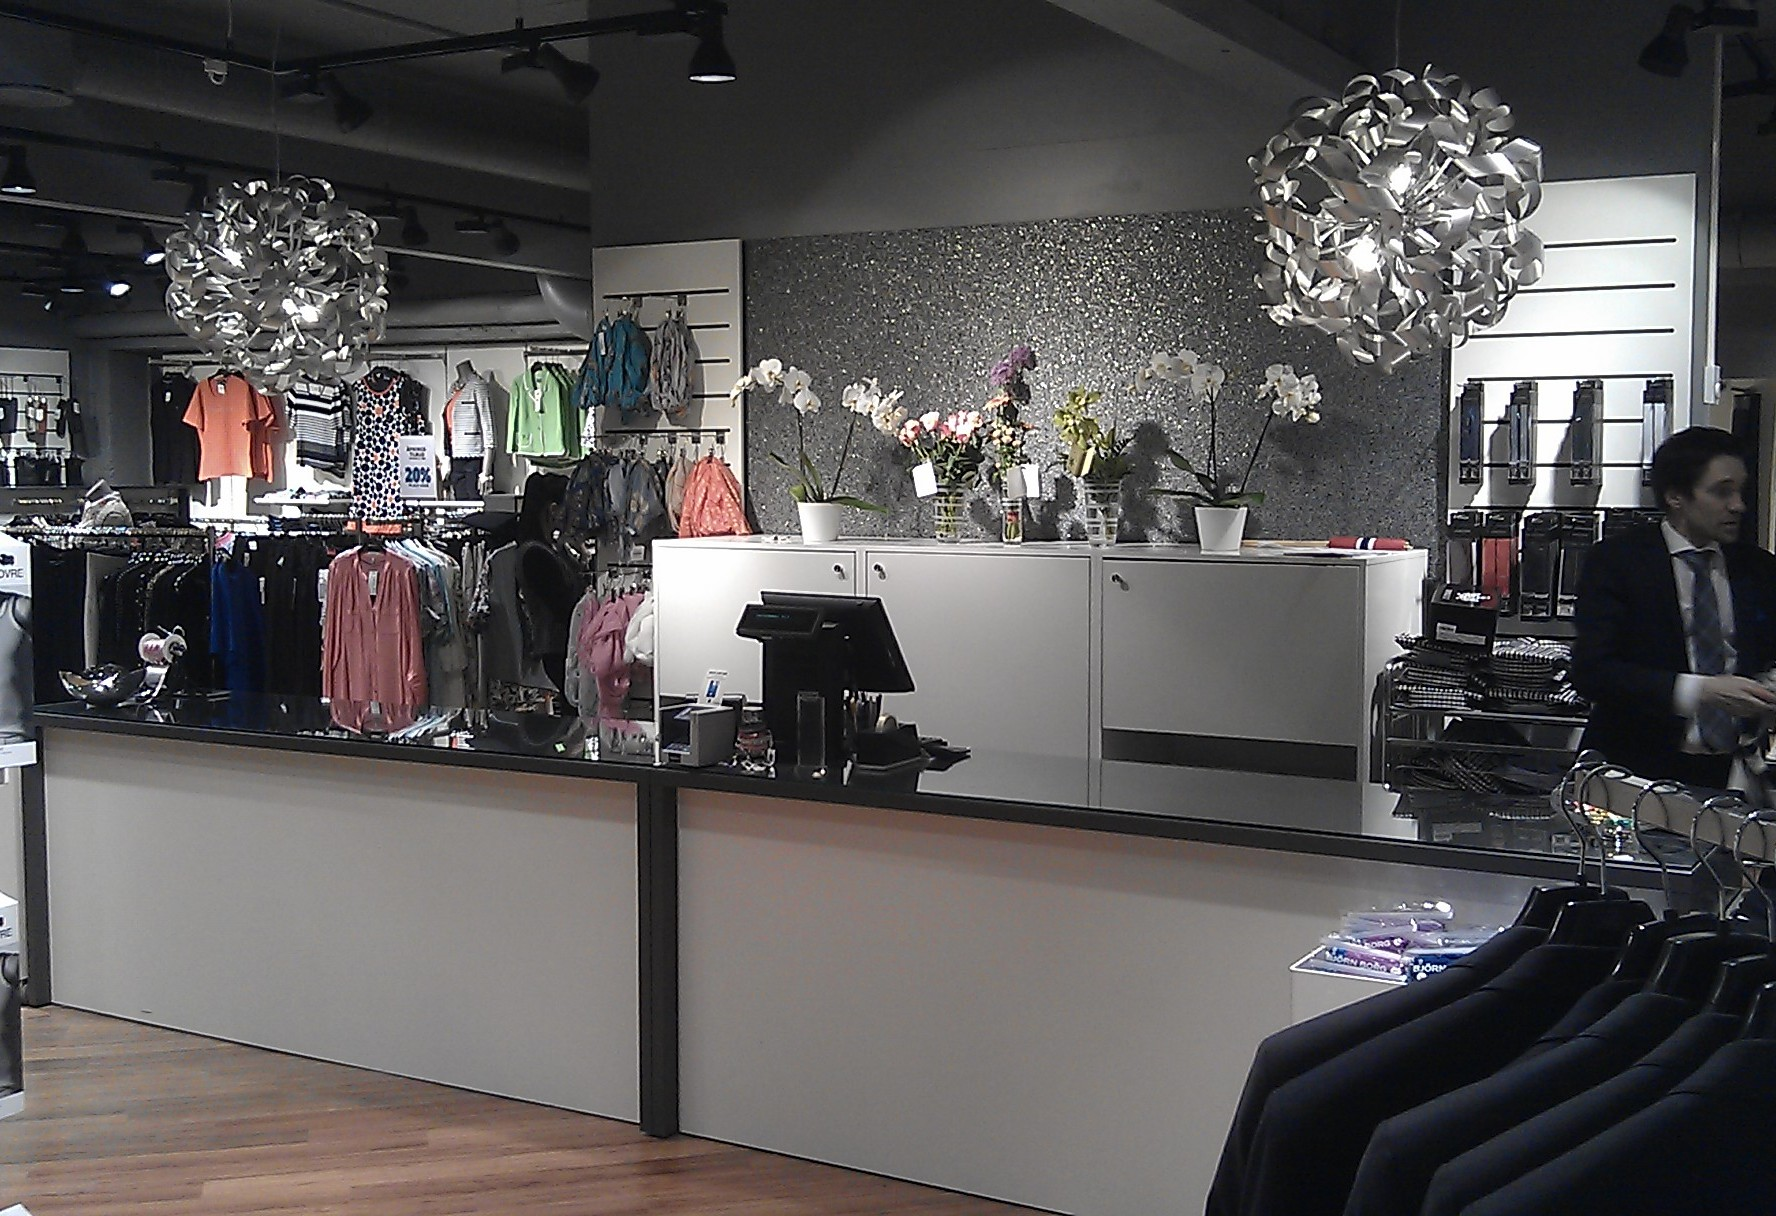 De hvide tilbehørs paneler anvendes både i salgsområdet og i butikken. Kan sammensættes i det uendelige. Butiksinventar